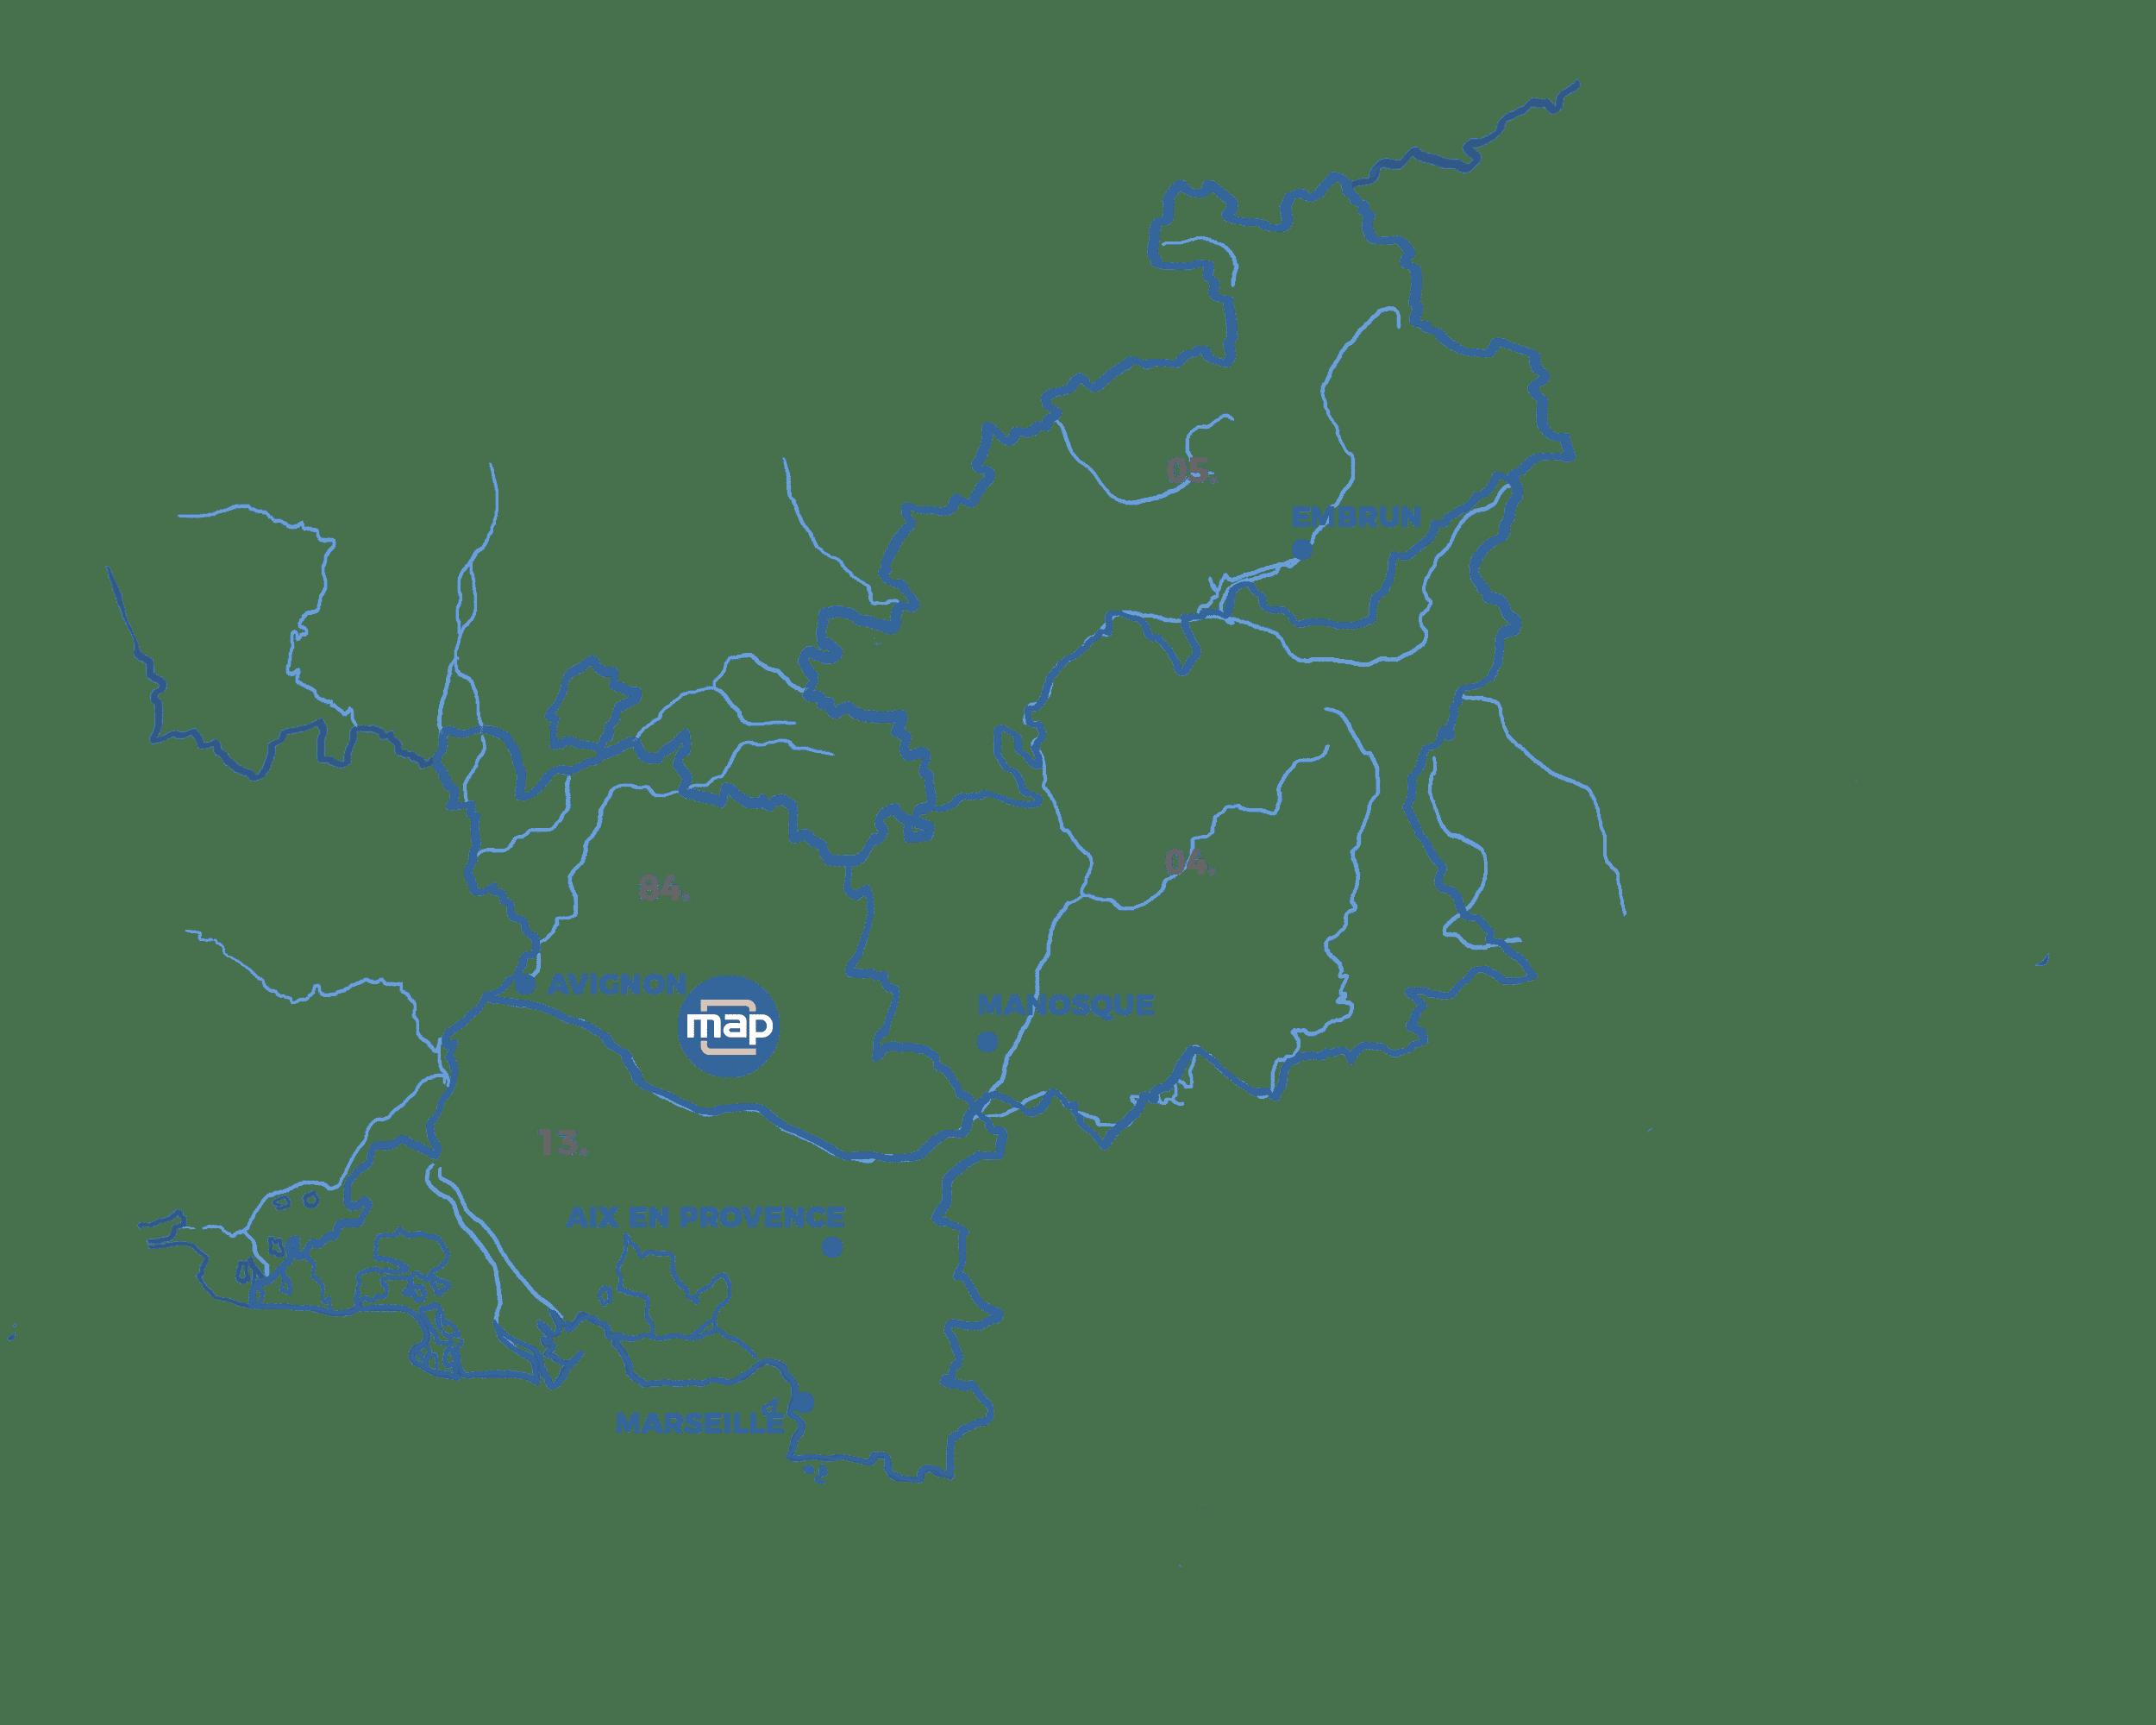 map-carte-stjo